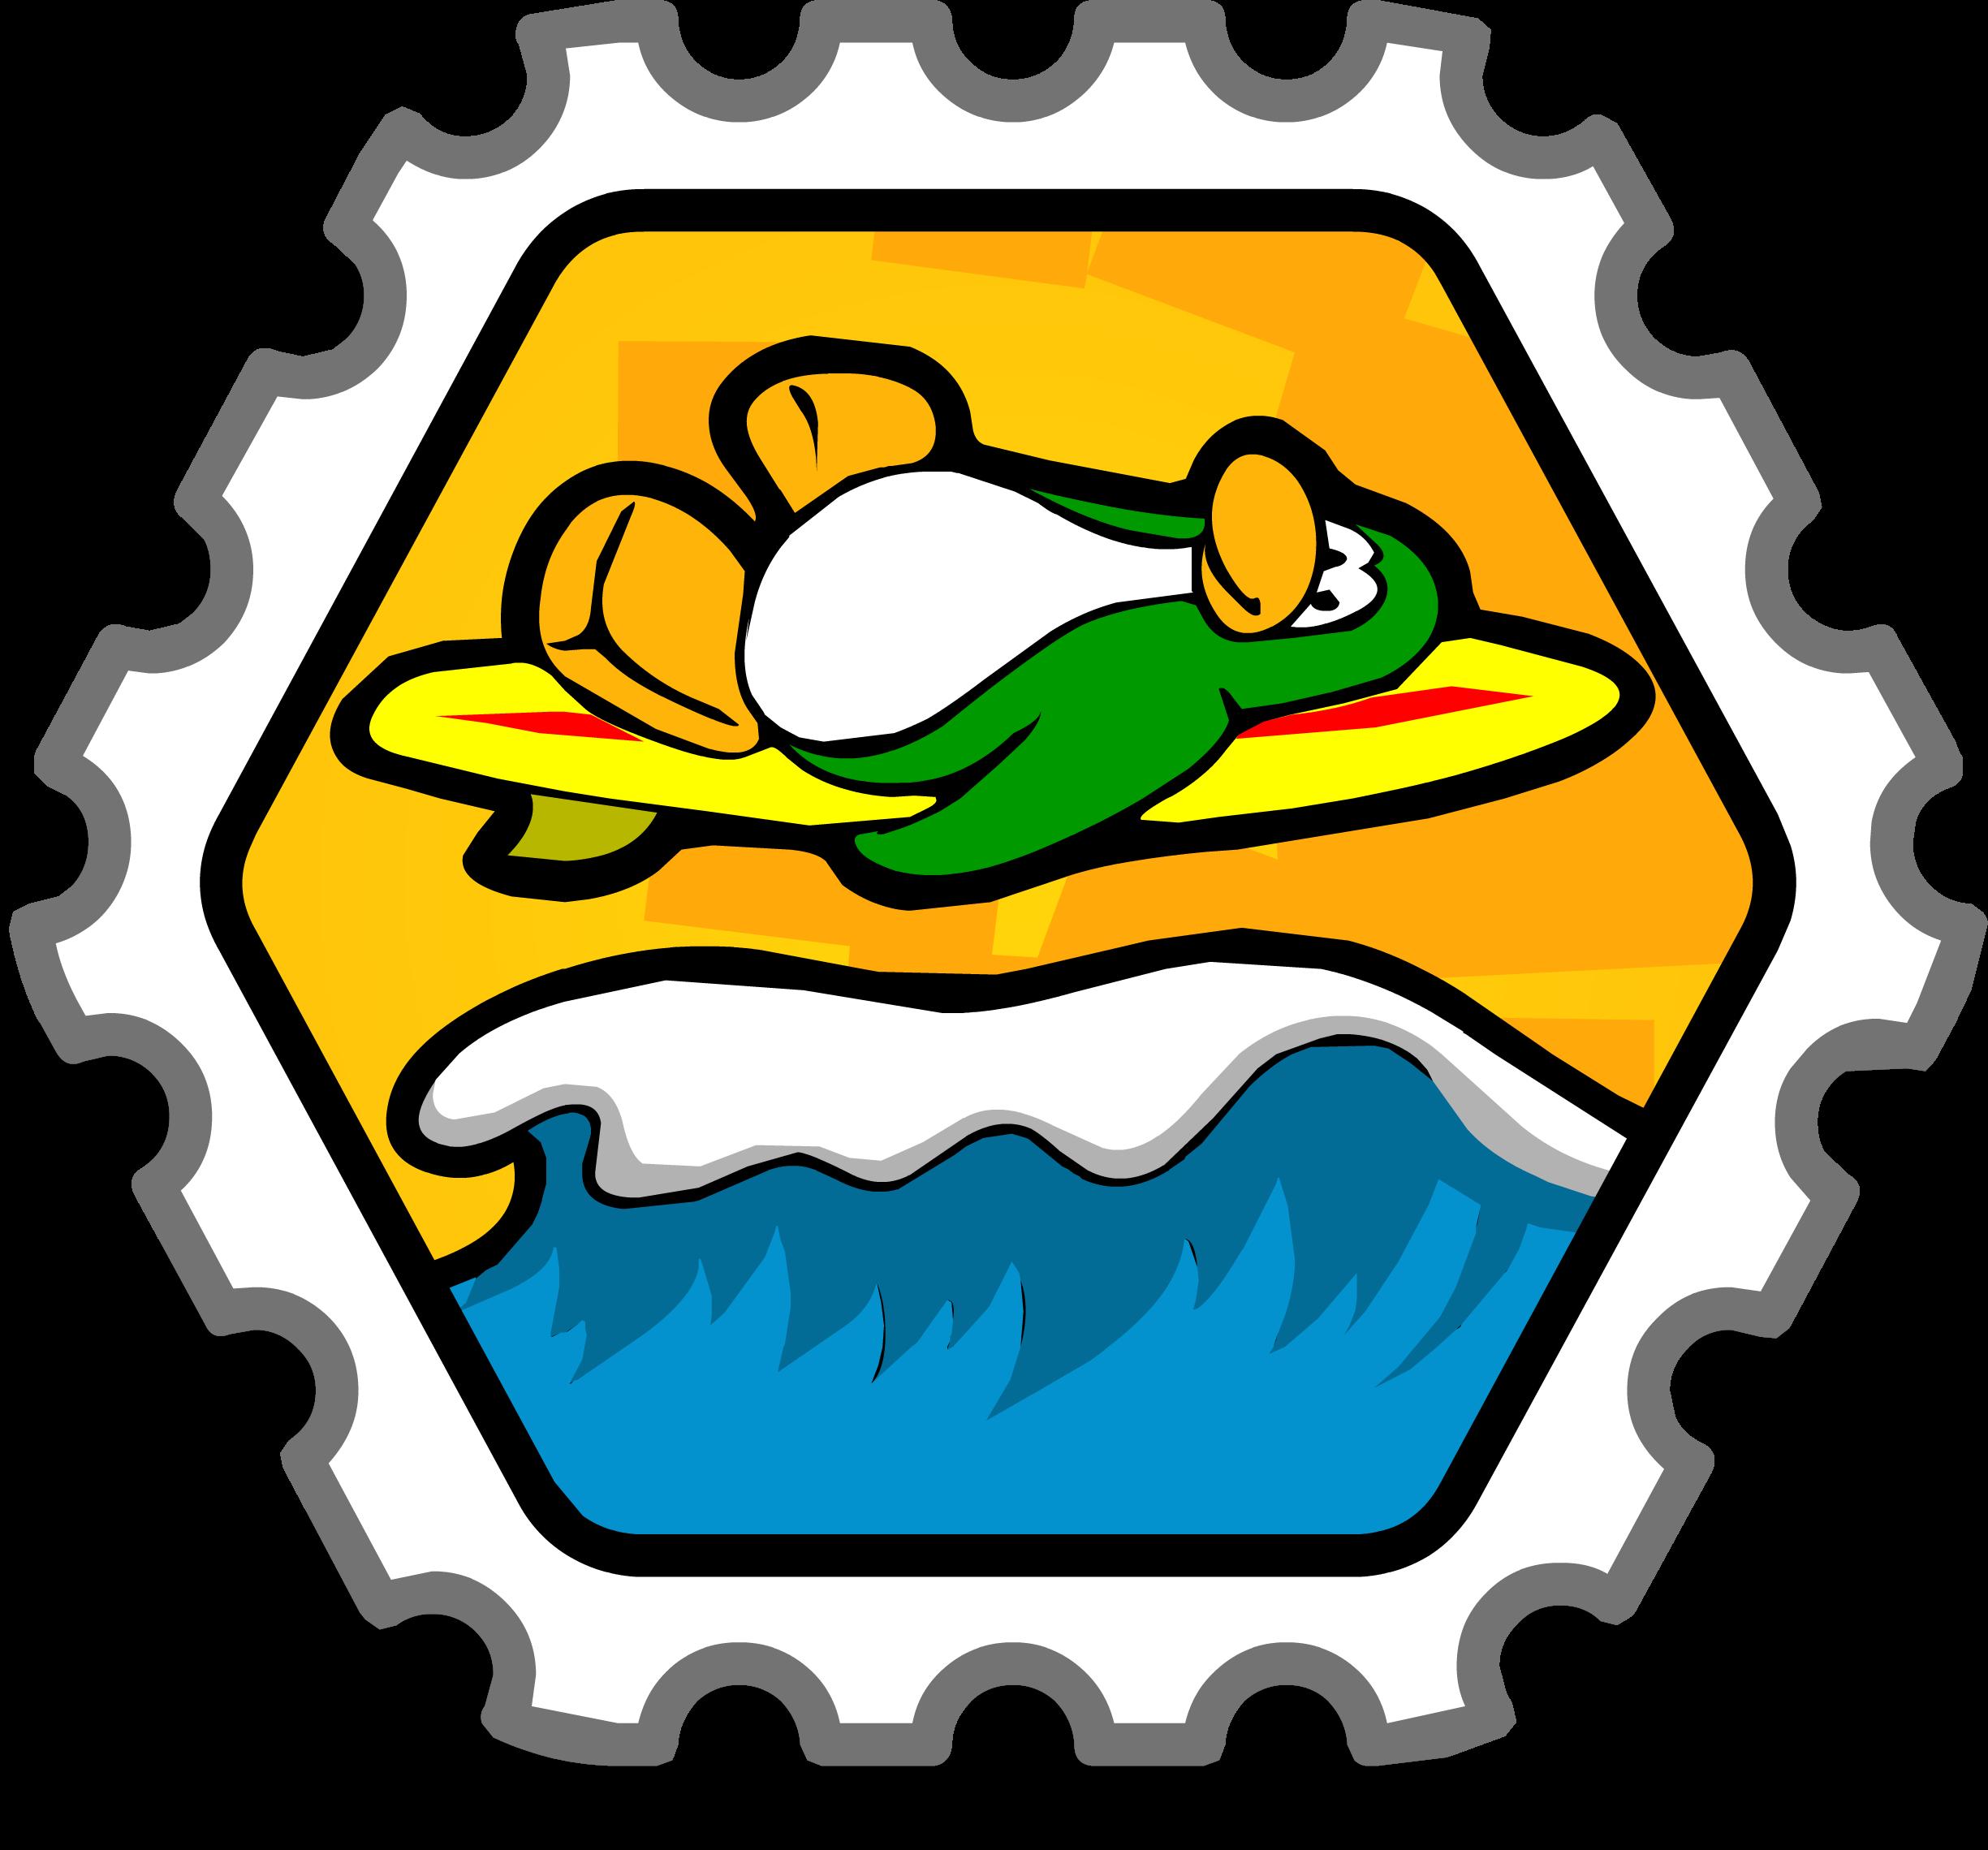 Super Spin Stamp